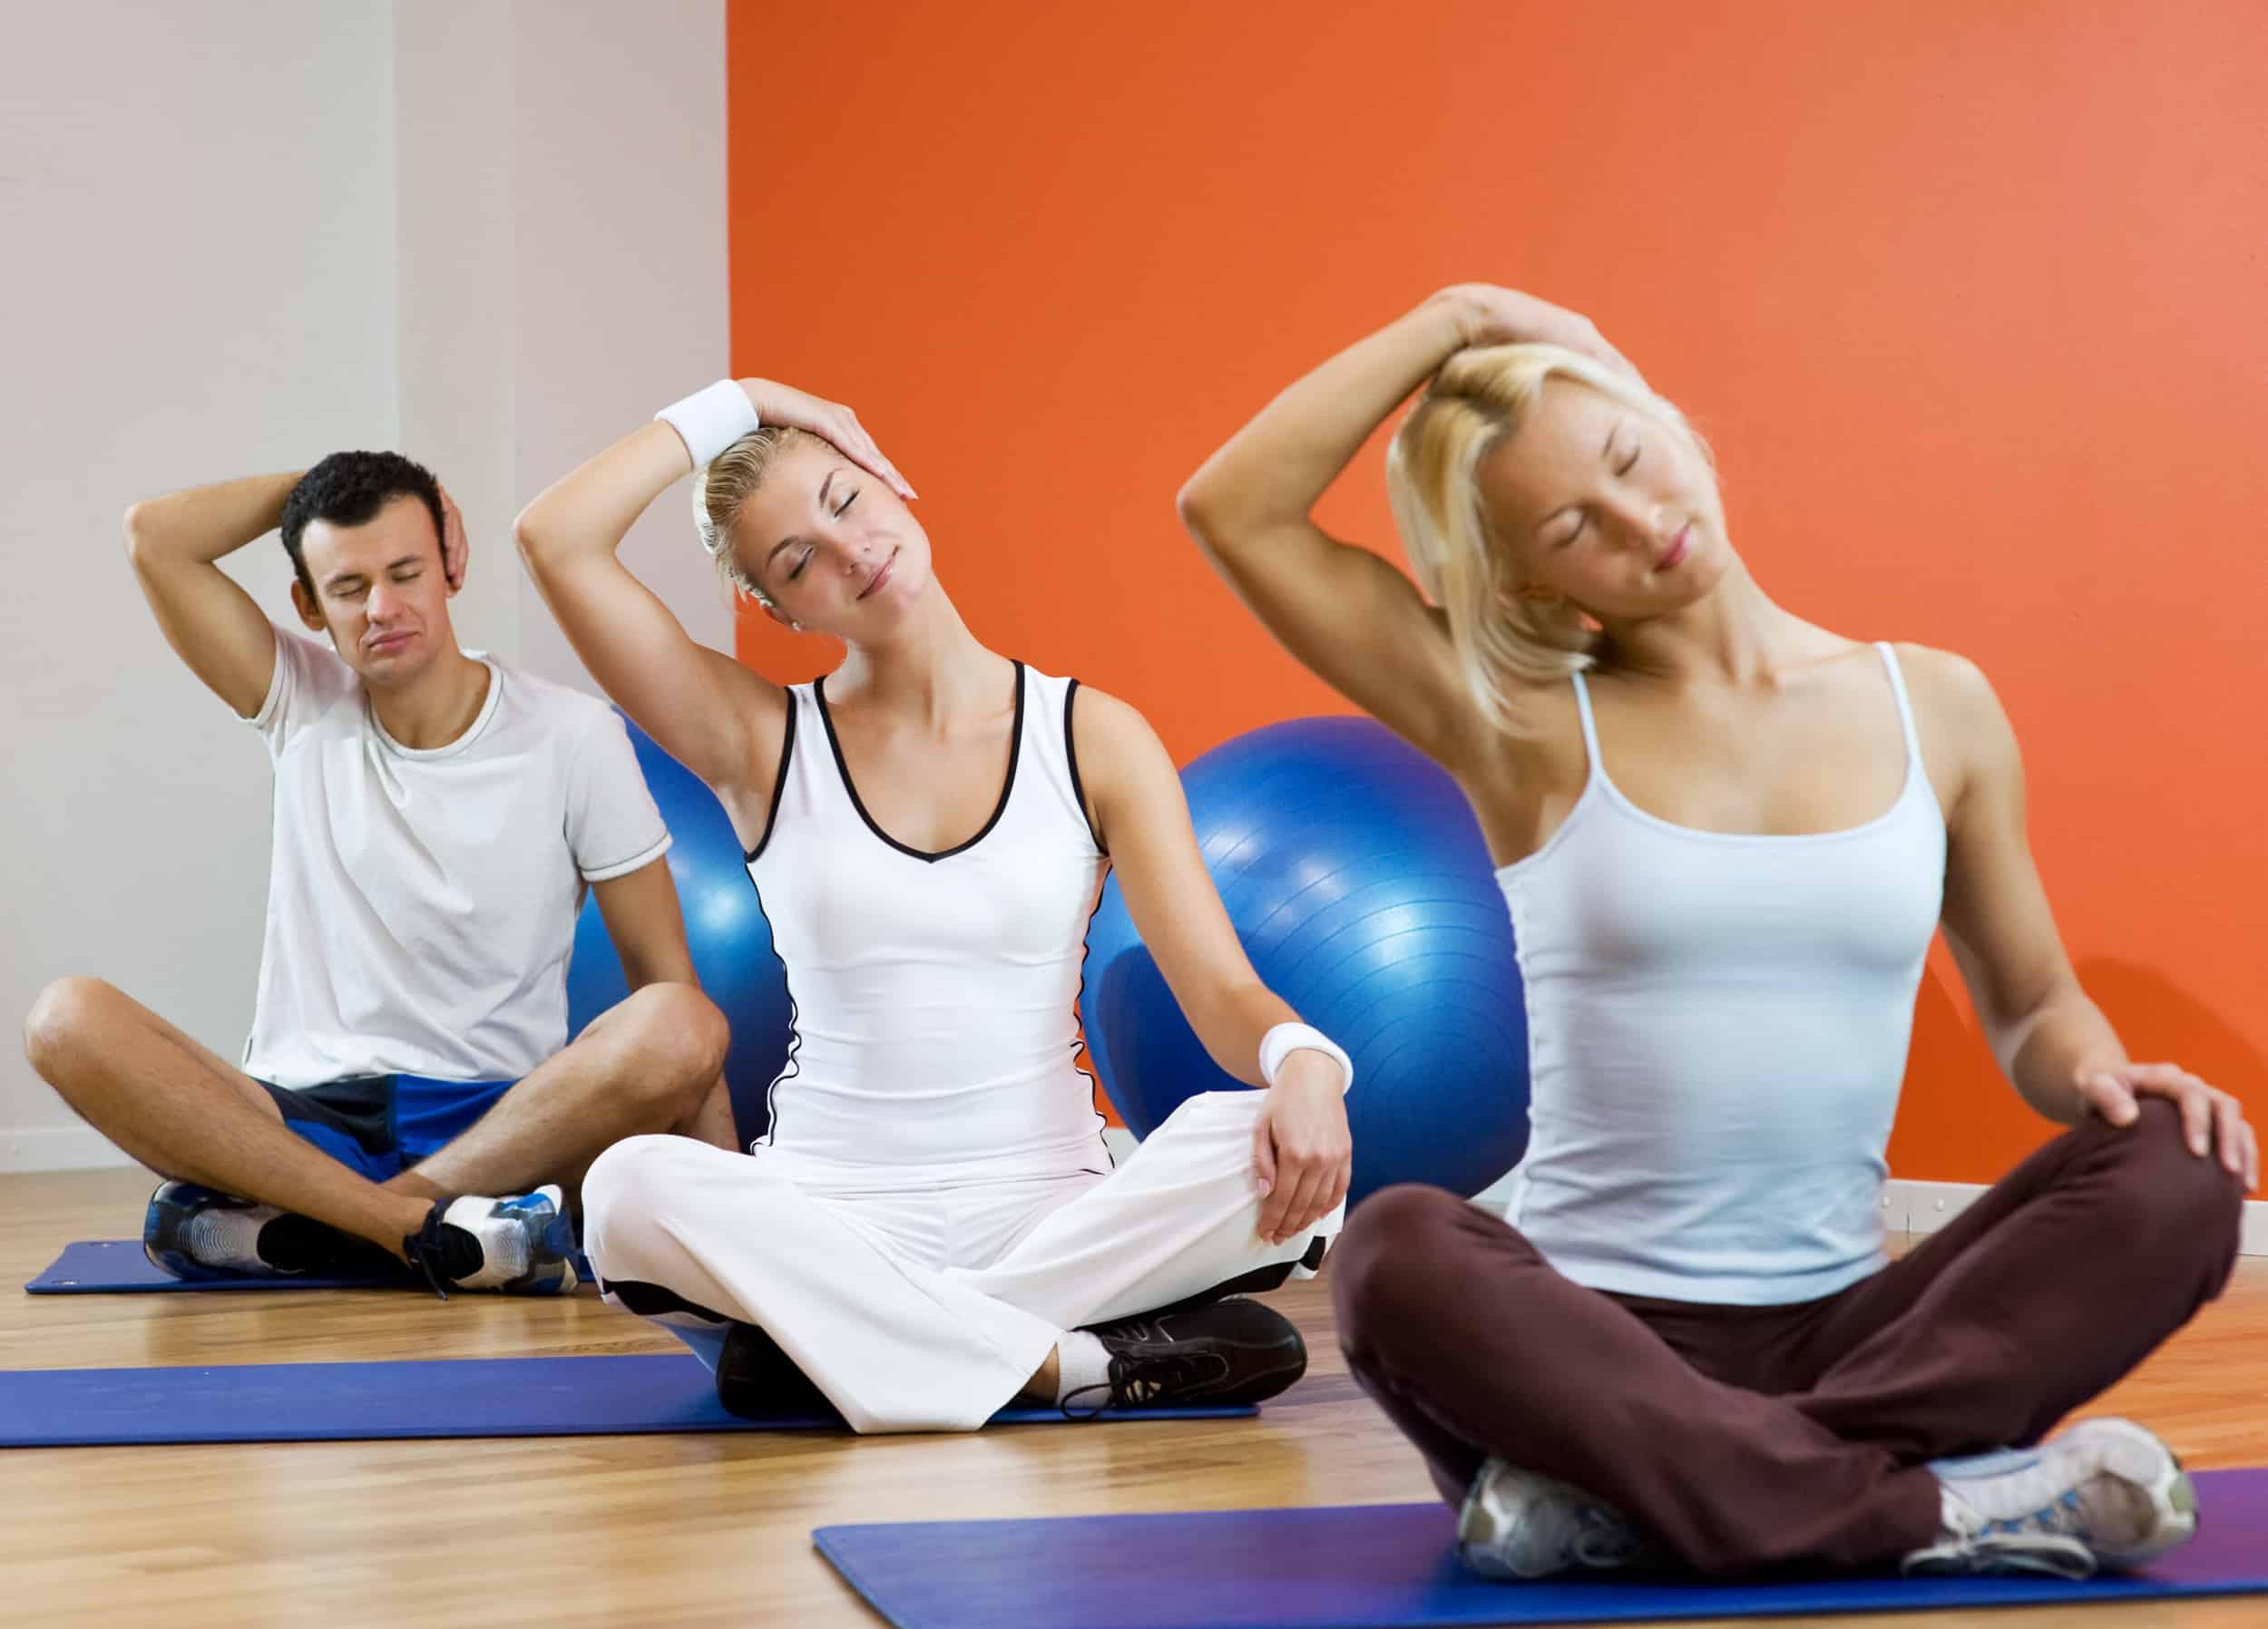 Оздоровительный центр для похудания в швеции